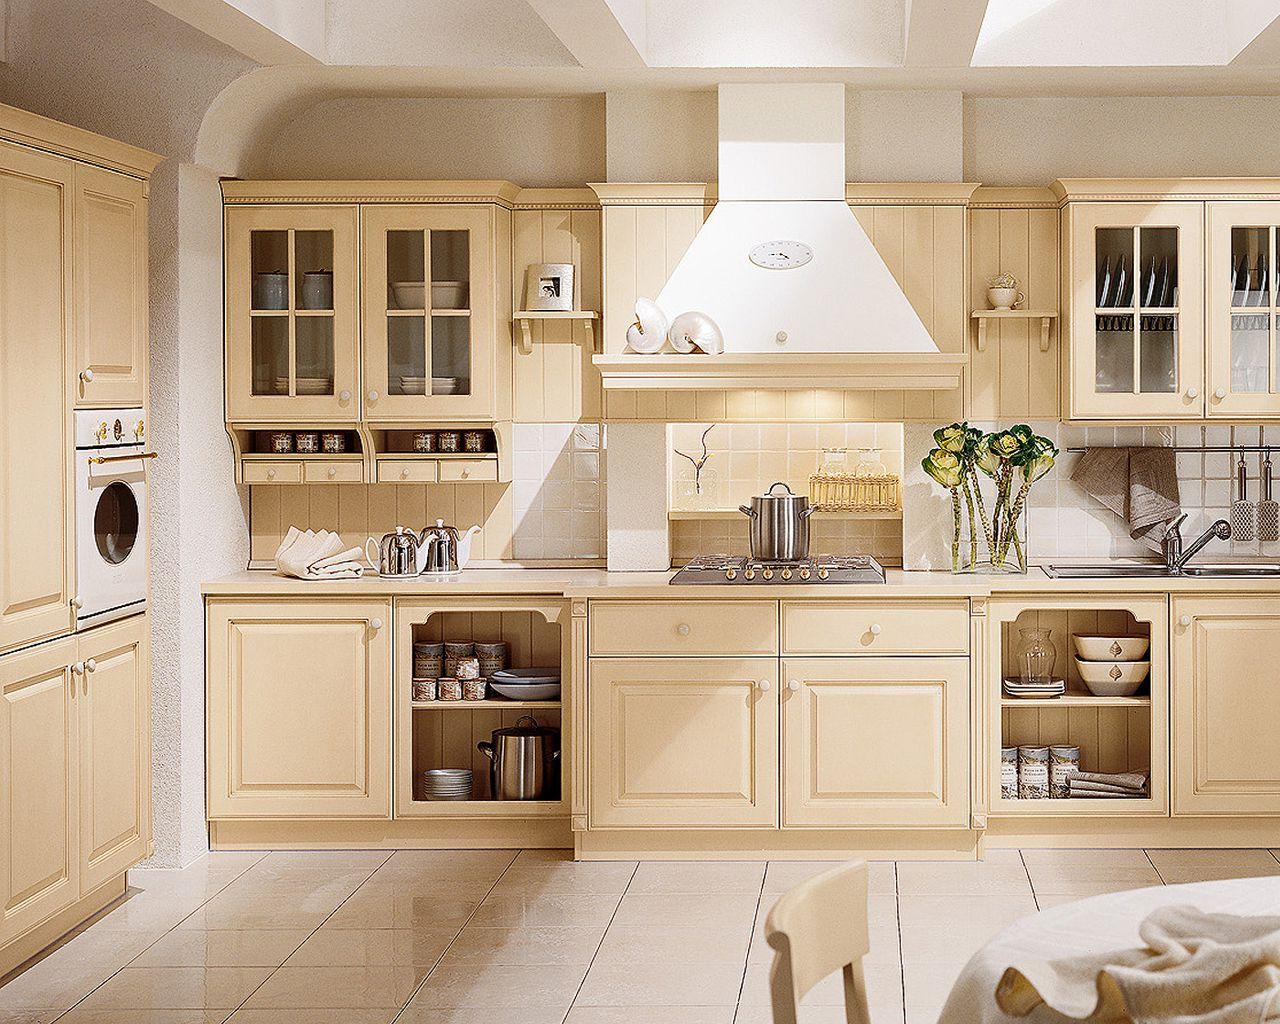 кухонный гарнитур в цвете ваниль и крем-брюле идеи оформление